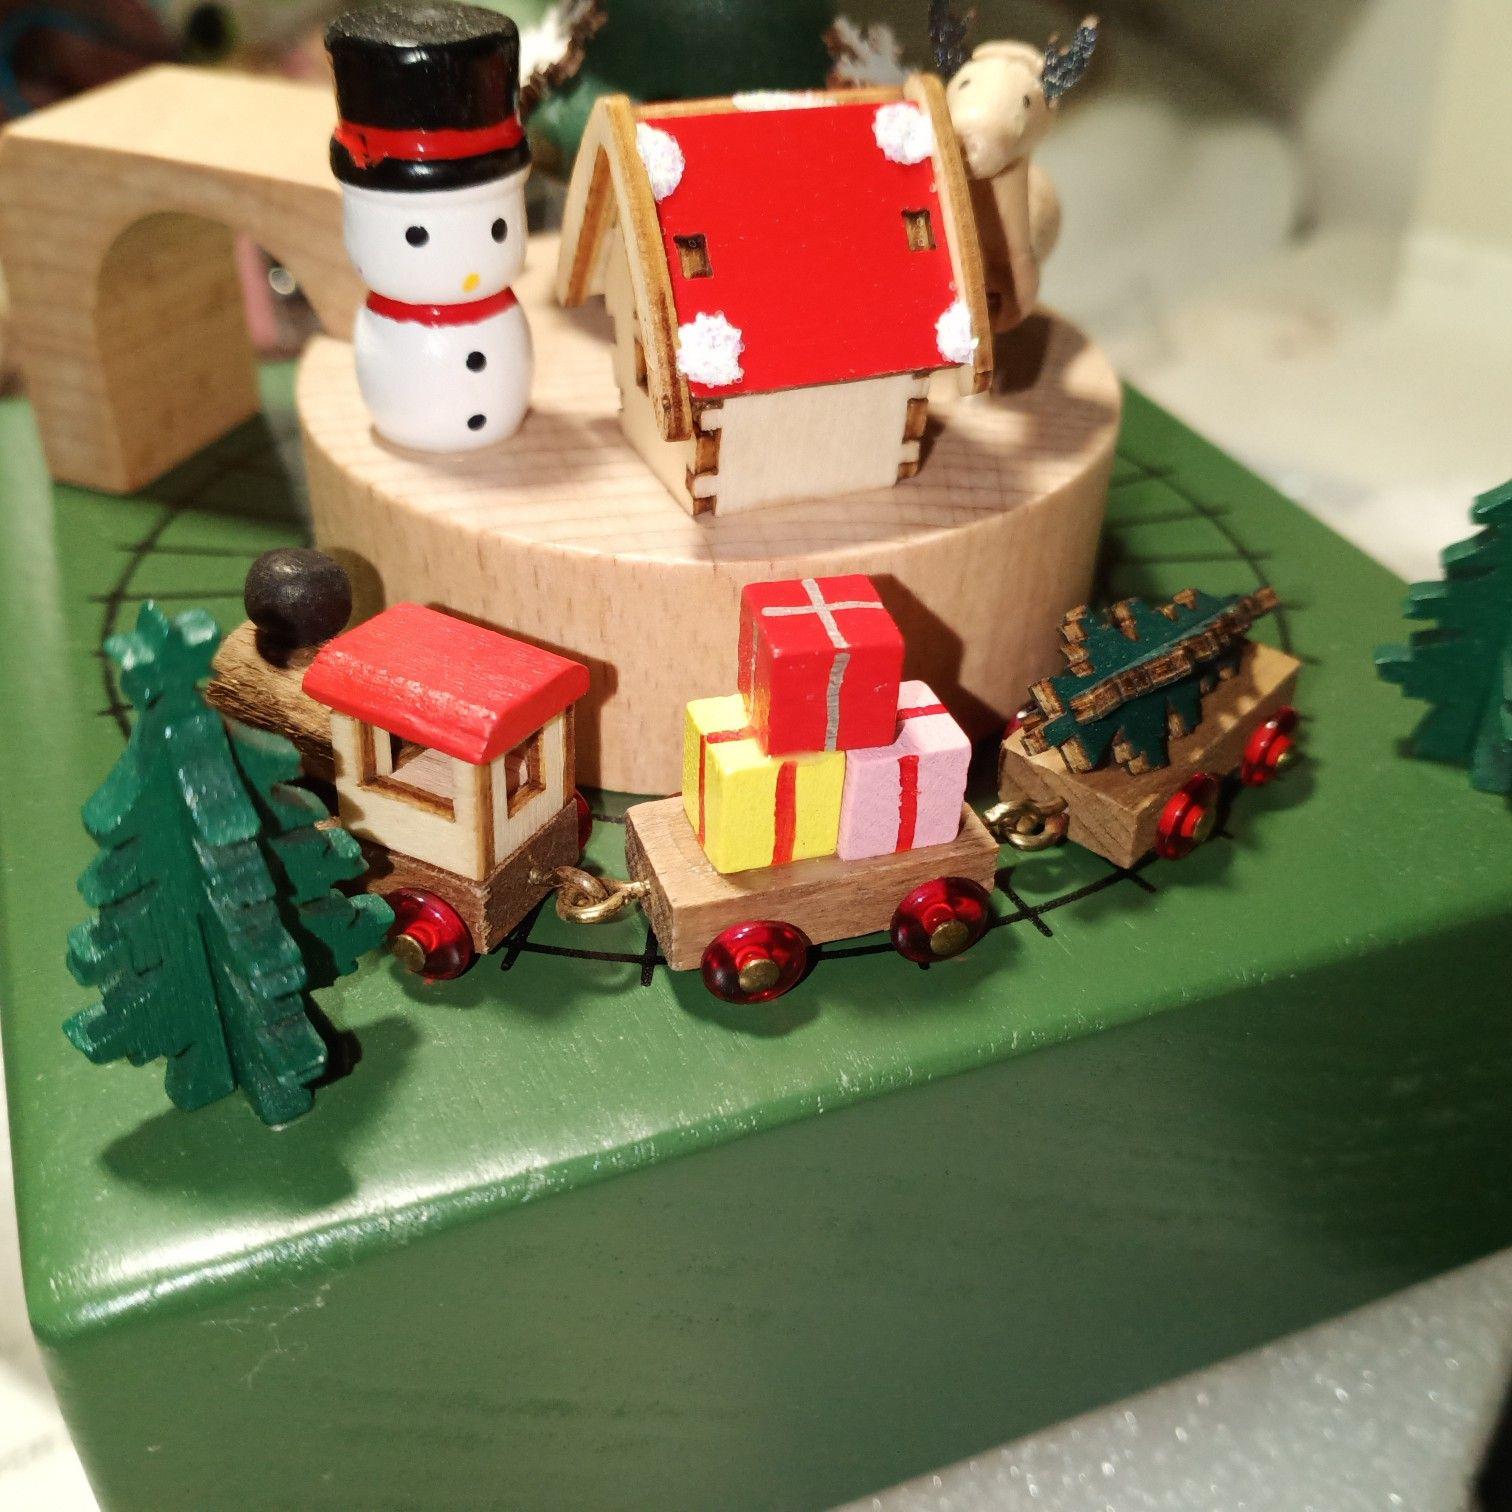 创意十足的木质八音盒送女朋友,这个圣诞节太甜蜜了